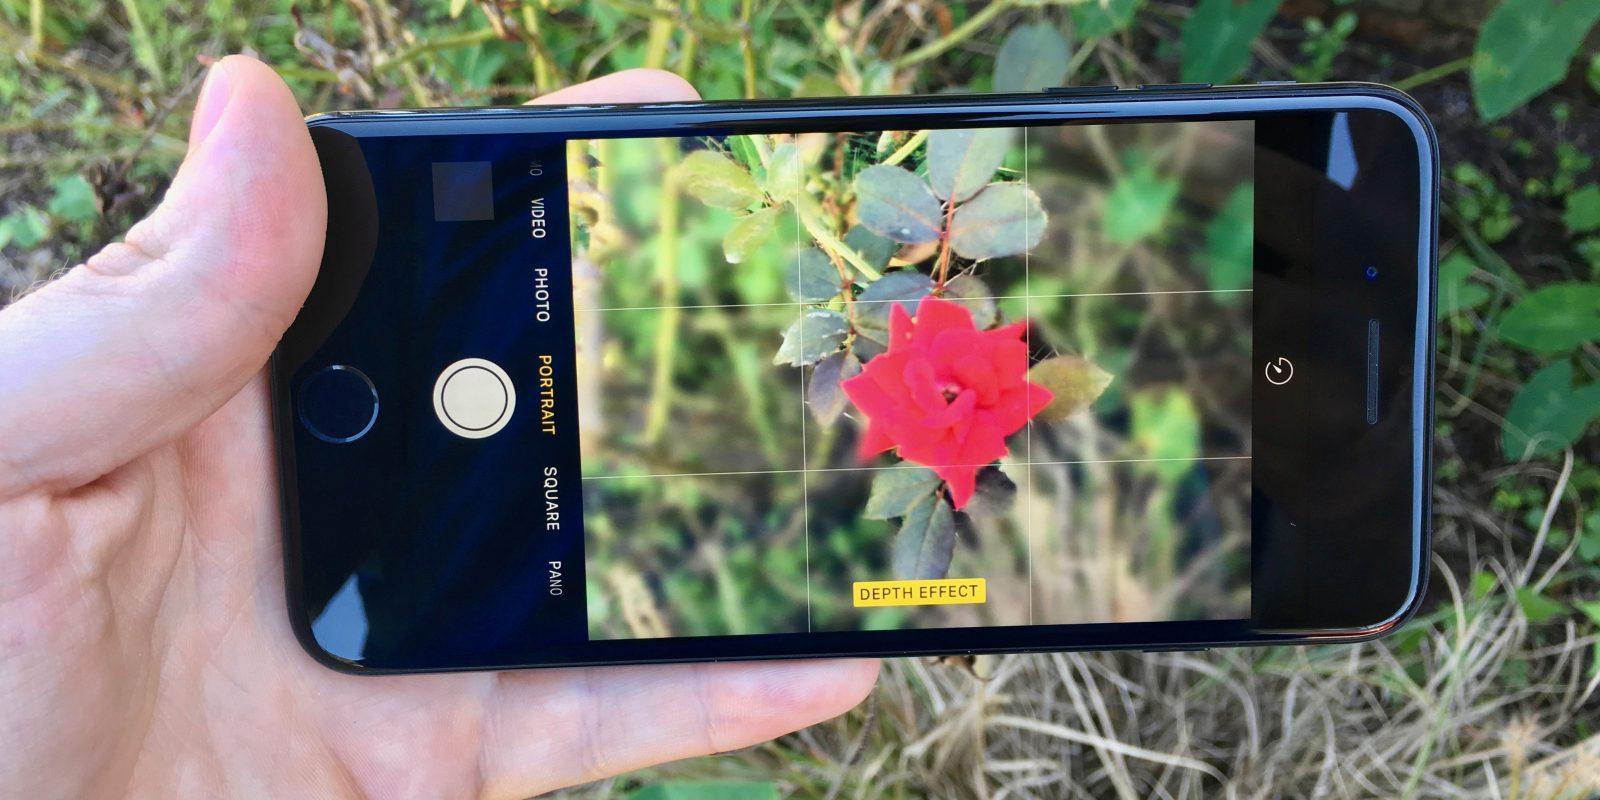 Hình ảnh hiển thị trên iPhone 7 Plus luôn sắc nét và chân thực 3